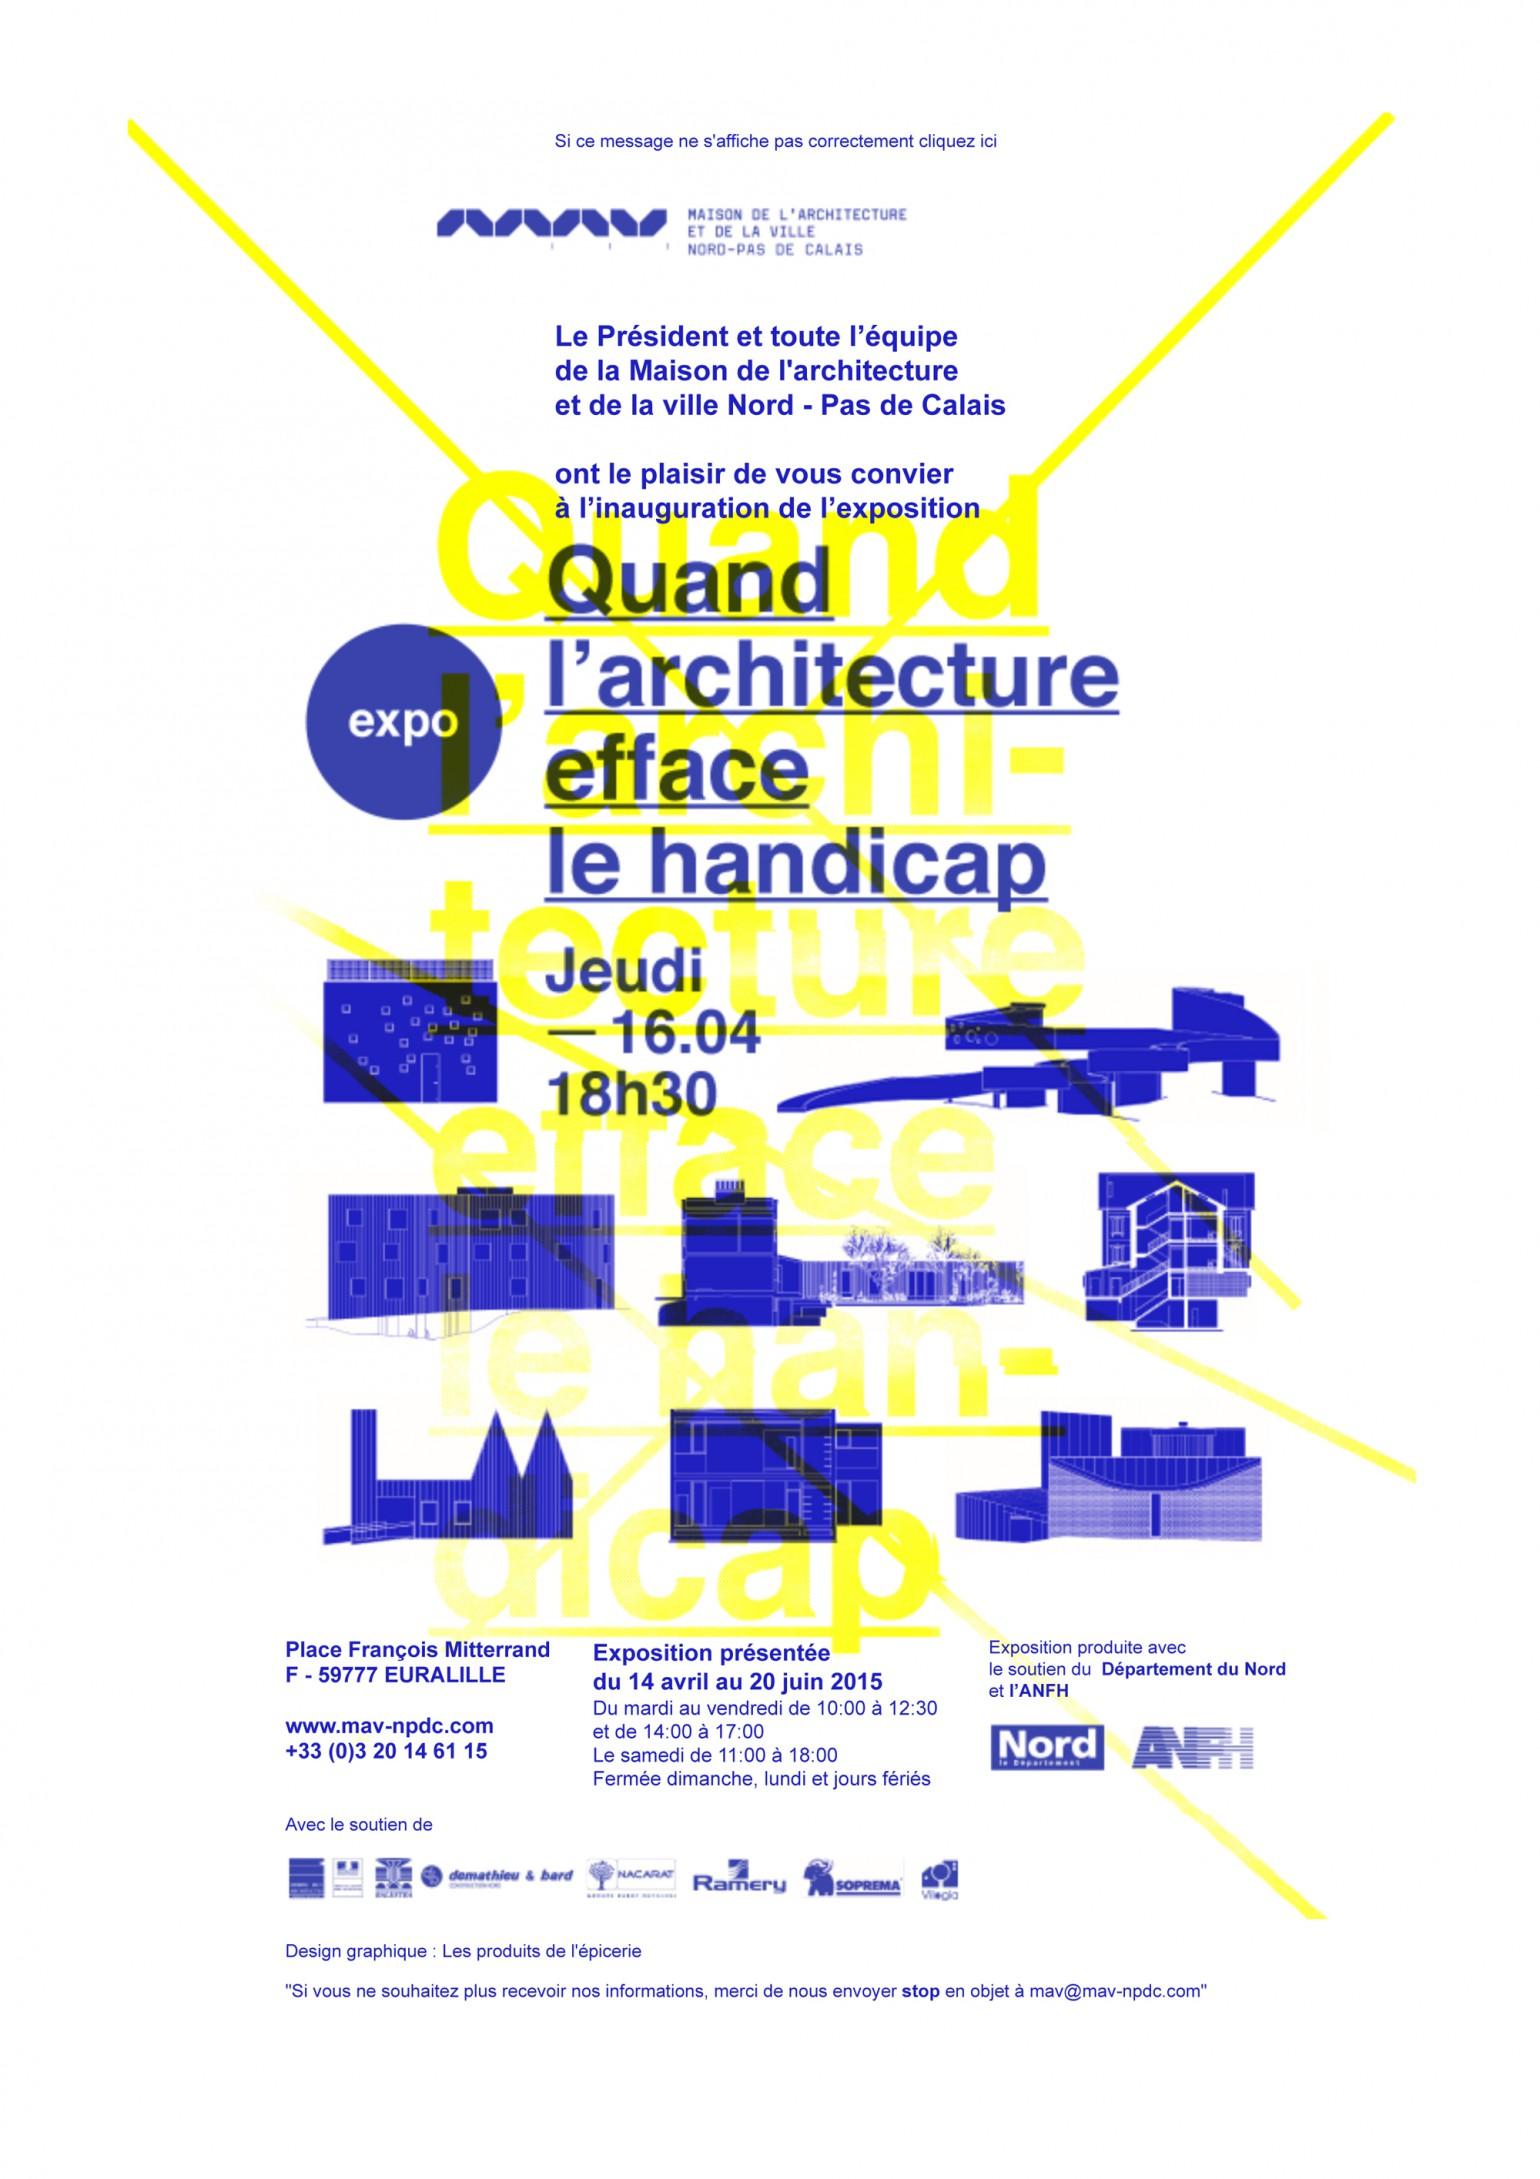 MA-NPDC / Expo : Quand l'architecture efface le handicap